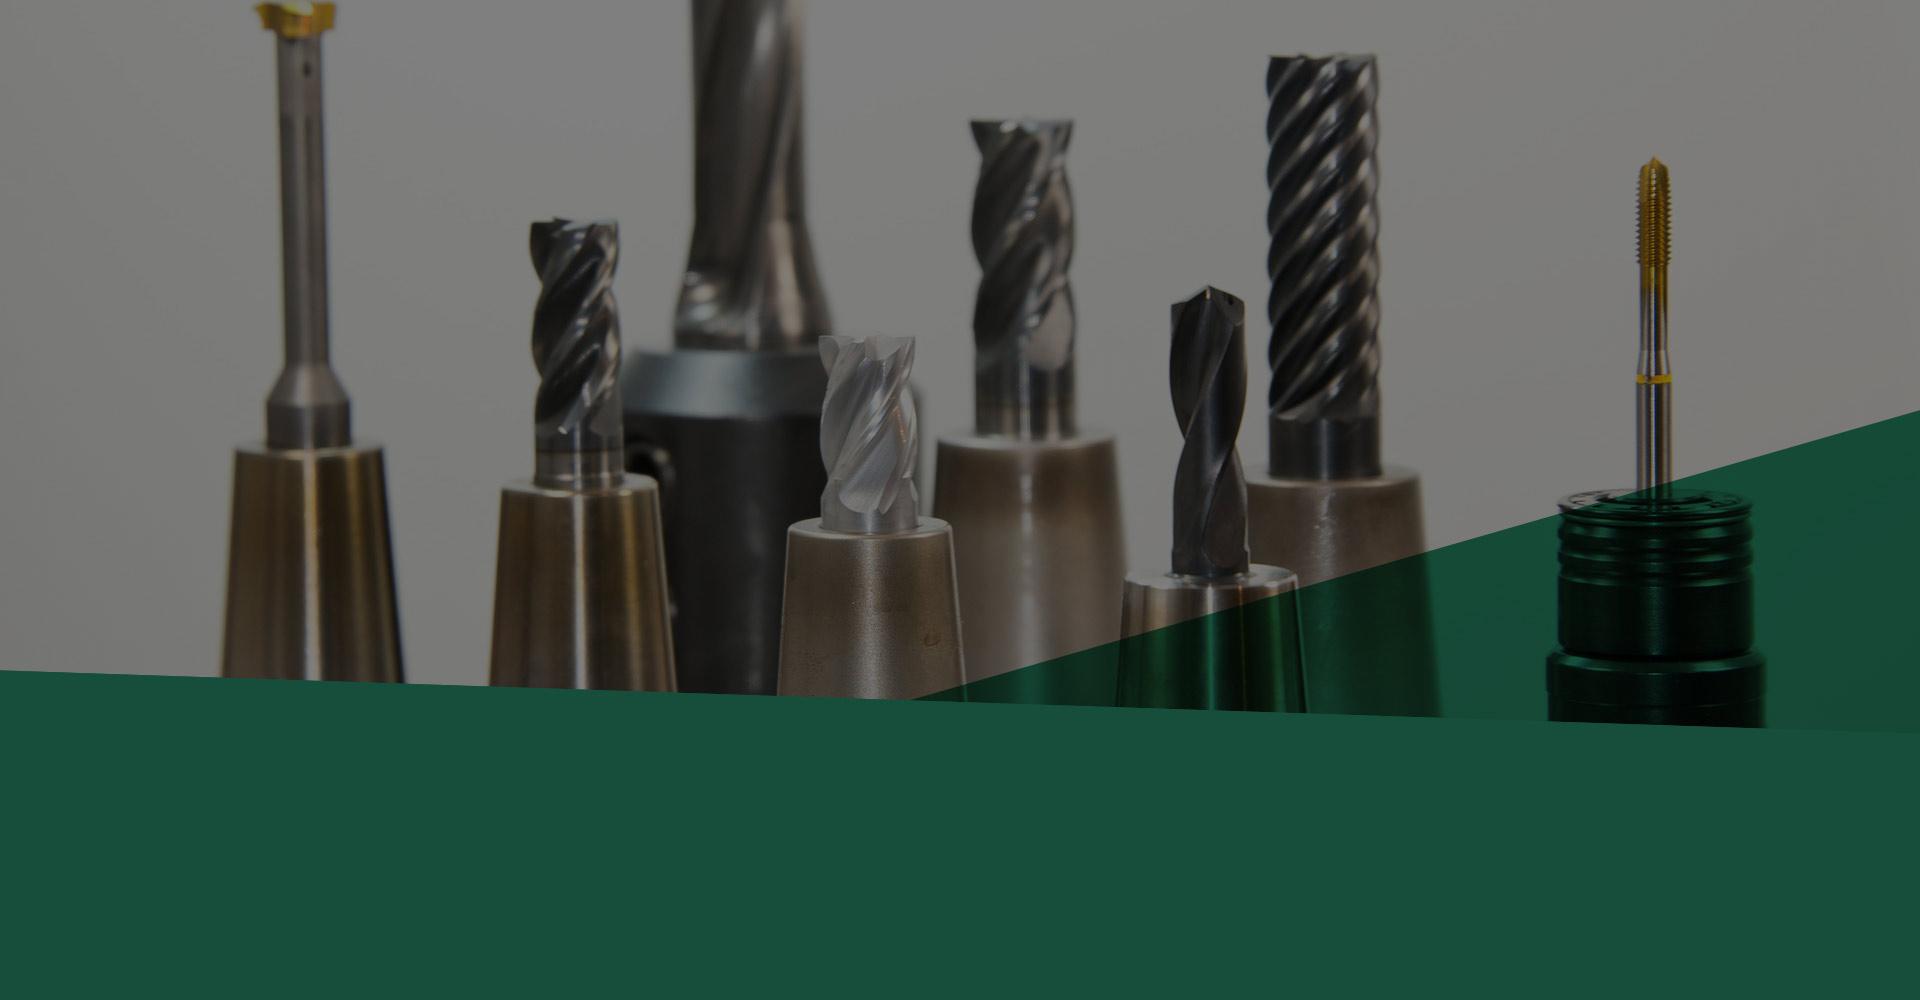 Rofer Ferramentas<br>Trabalhamos com afiação e retrabalho de ferramentas de corte rotativas e MD soldadas.